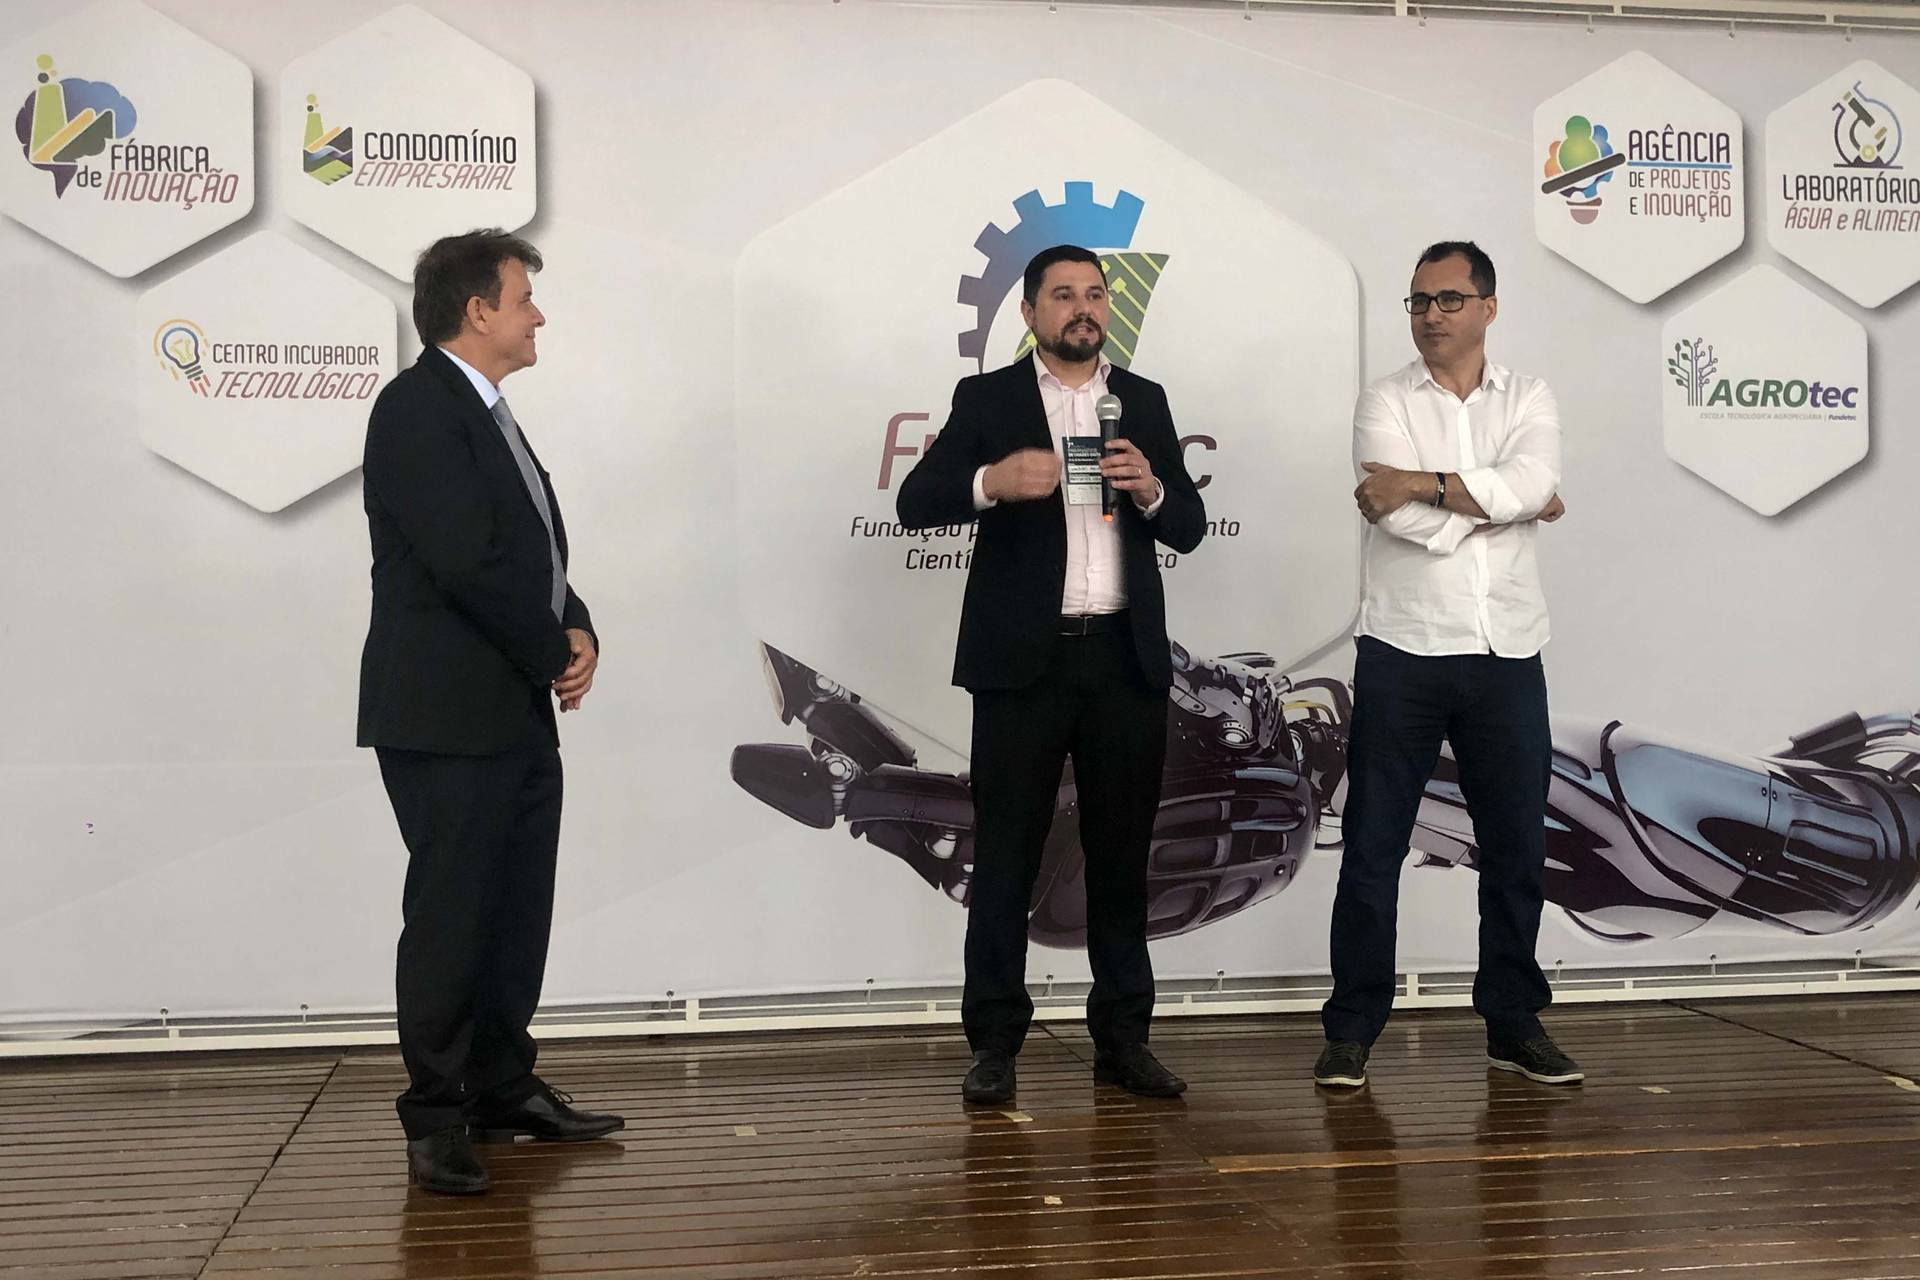 Presidente da Celepar falou na abertura do 7º Congresso Paranaense de Cidades Digitais, em Cascavel.